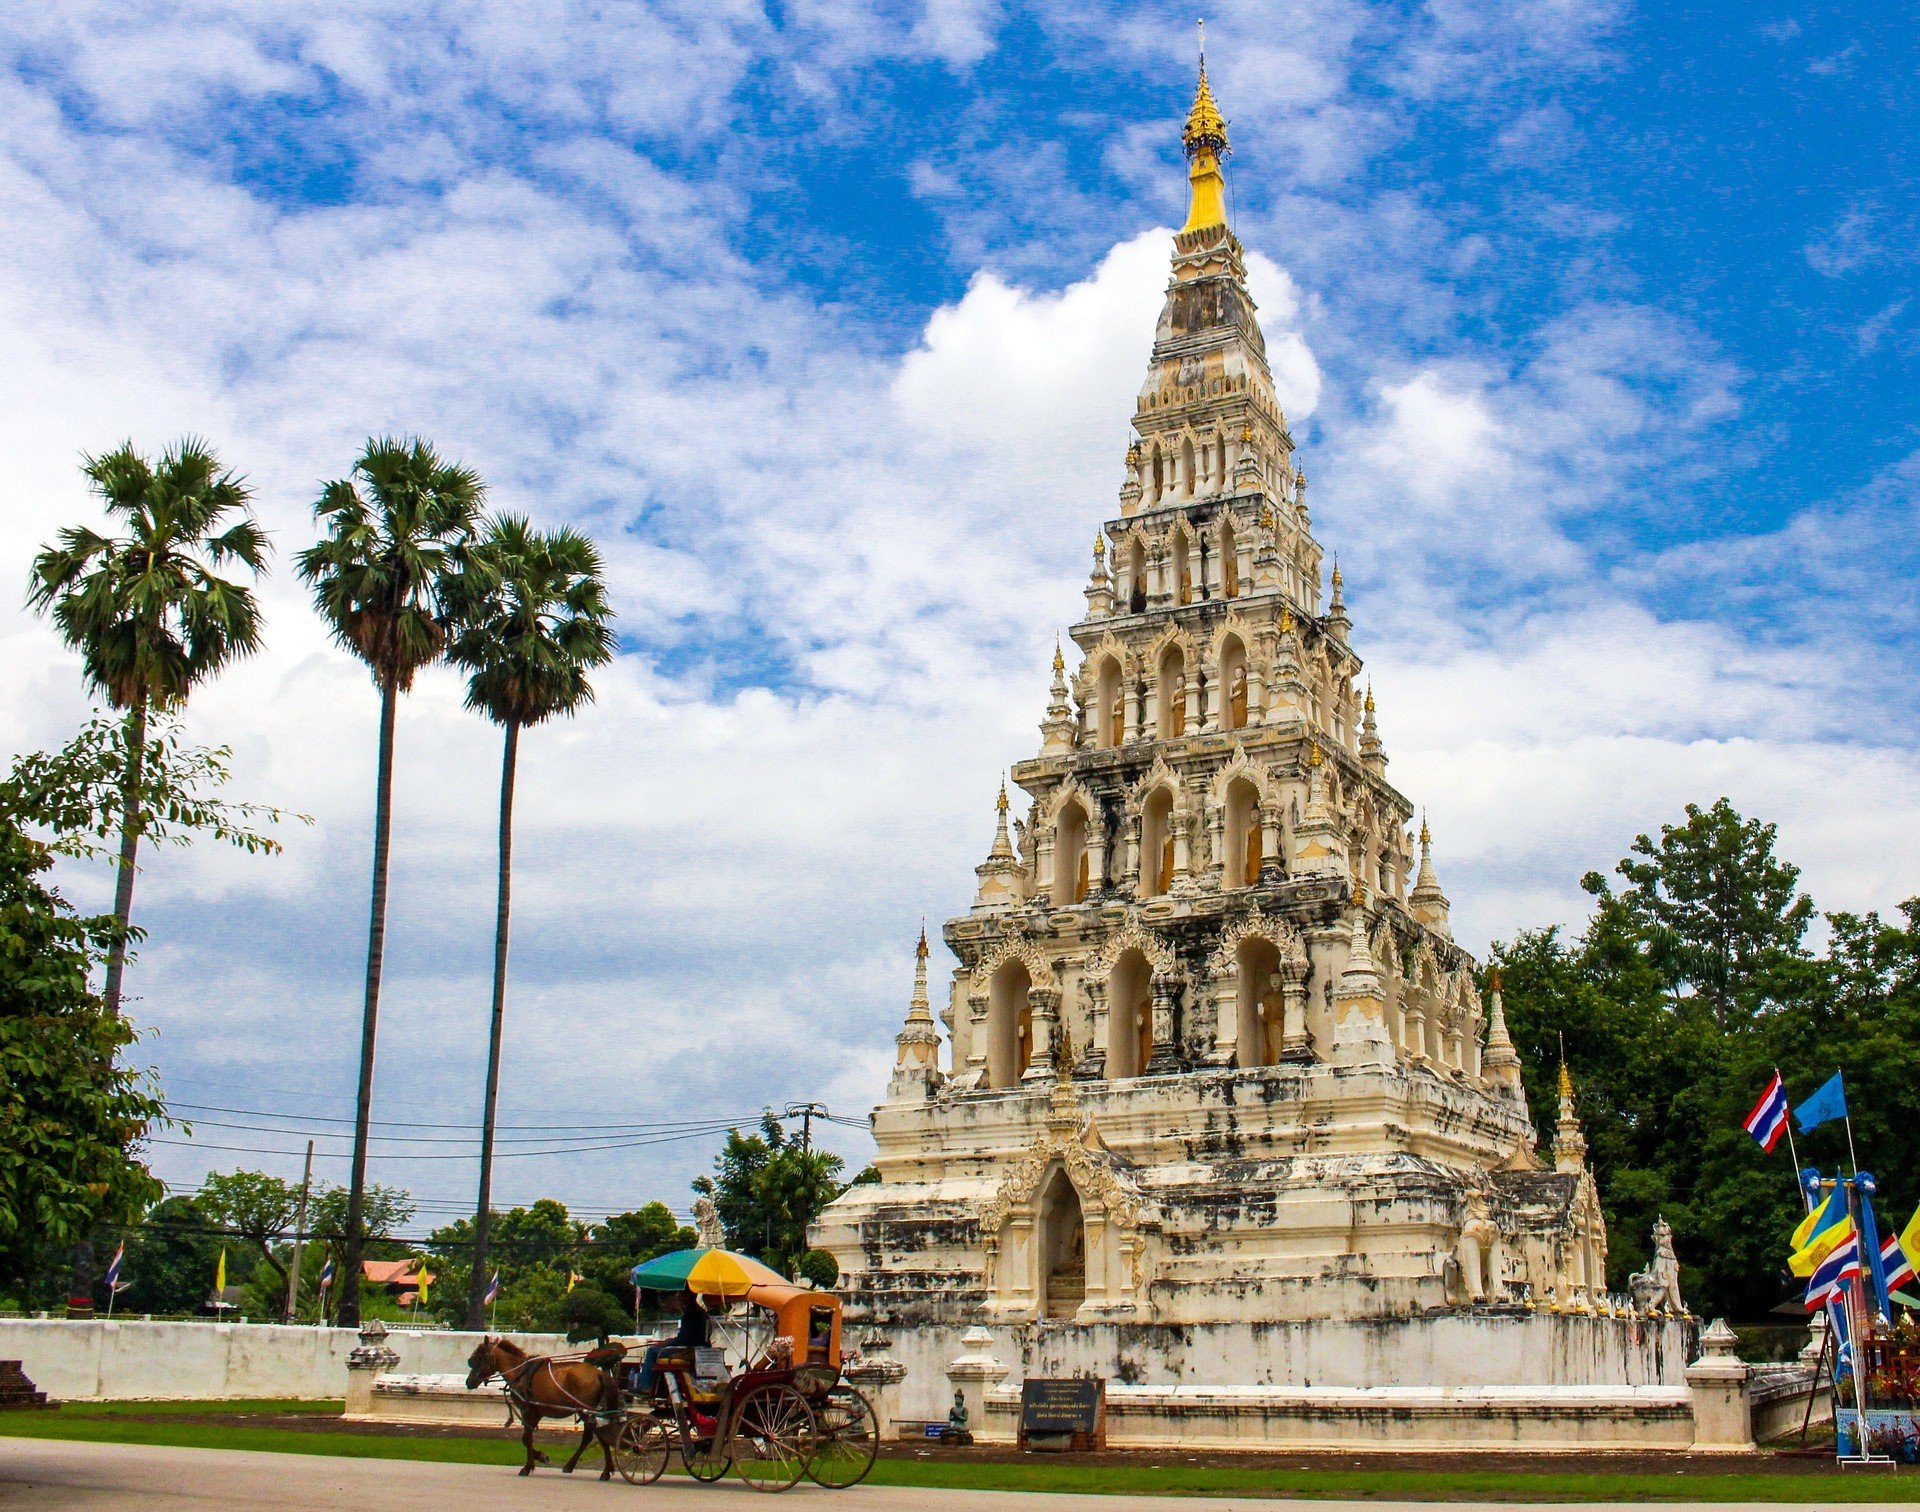 Wat Chedi Liam in Chiang Mai